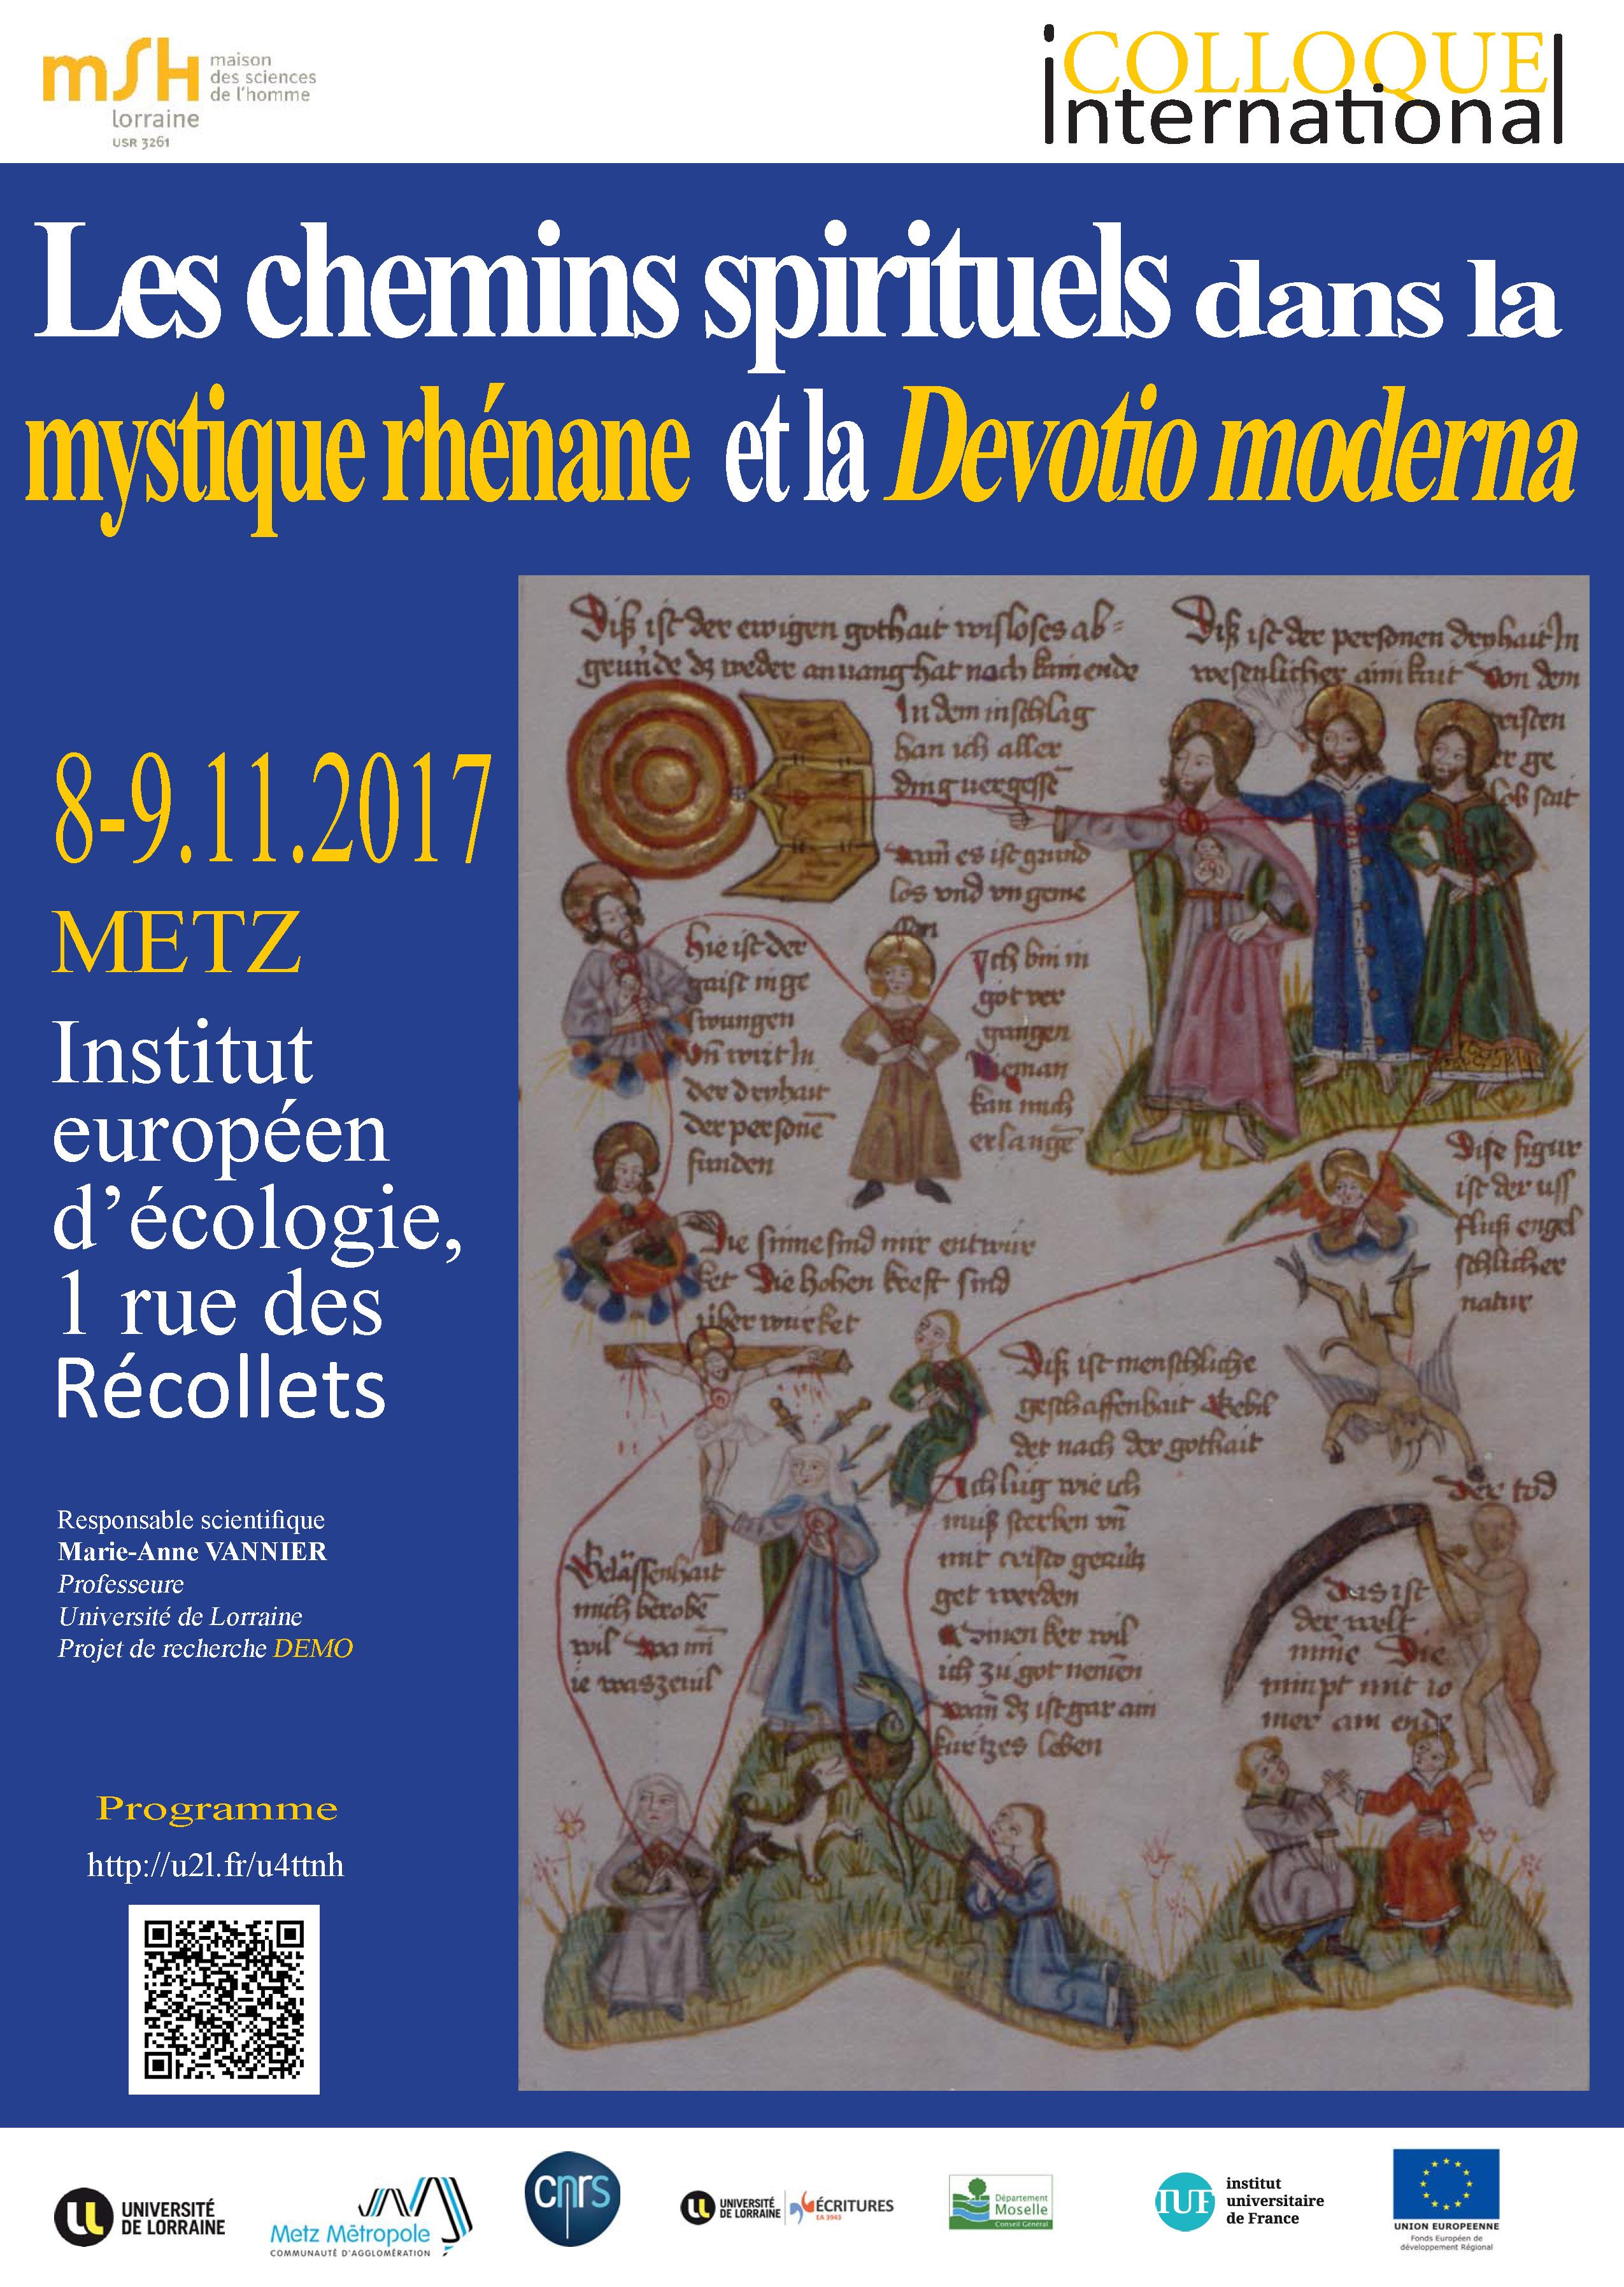 Affiche chemins spirituels dans la mystique rhénane et la Devotio moderna